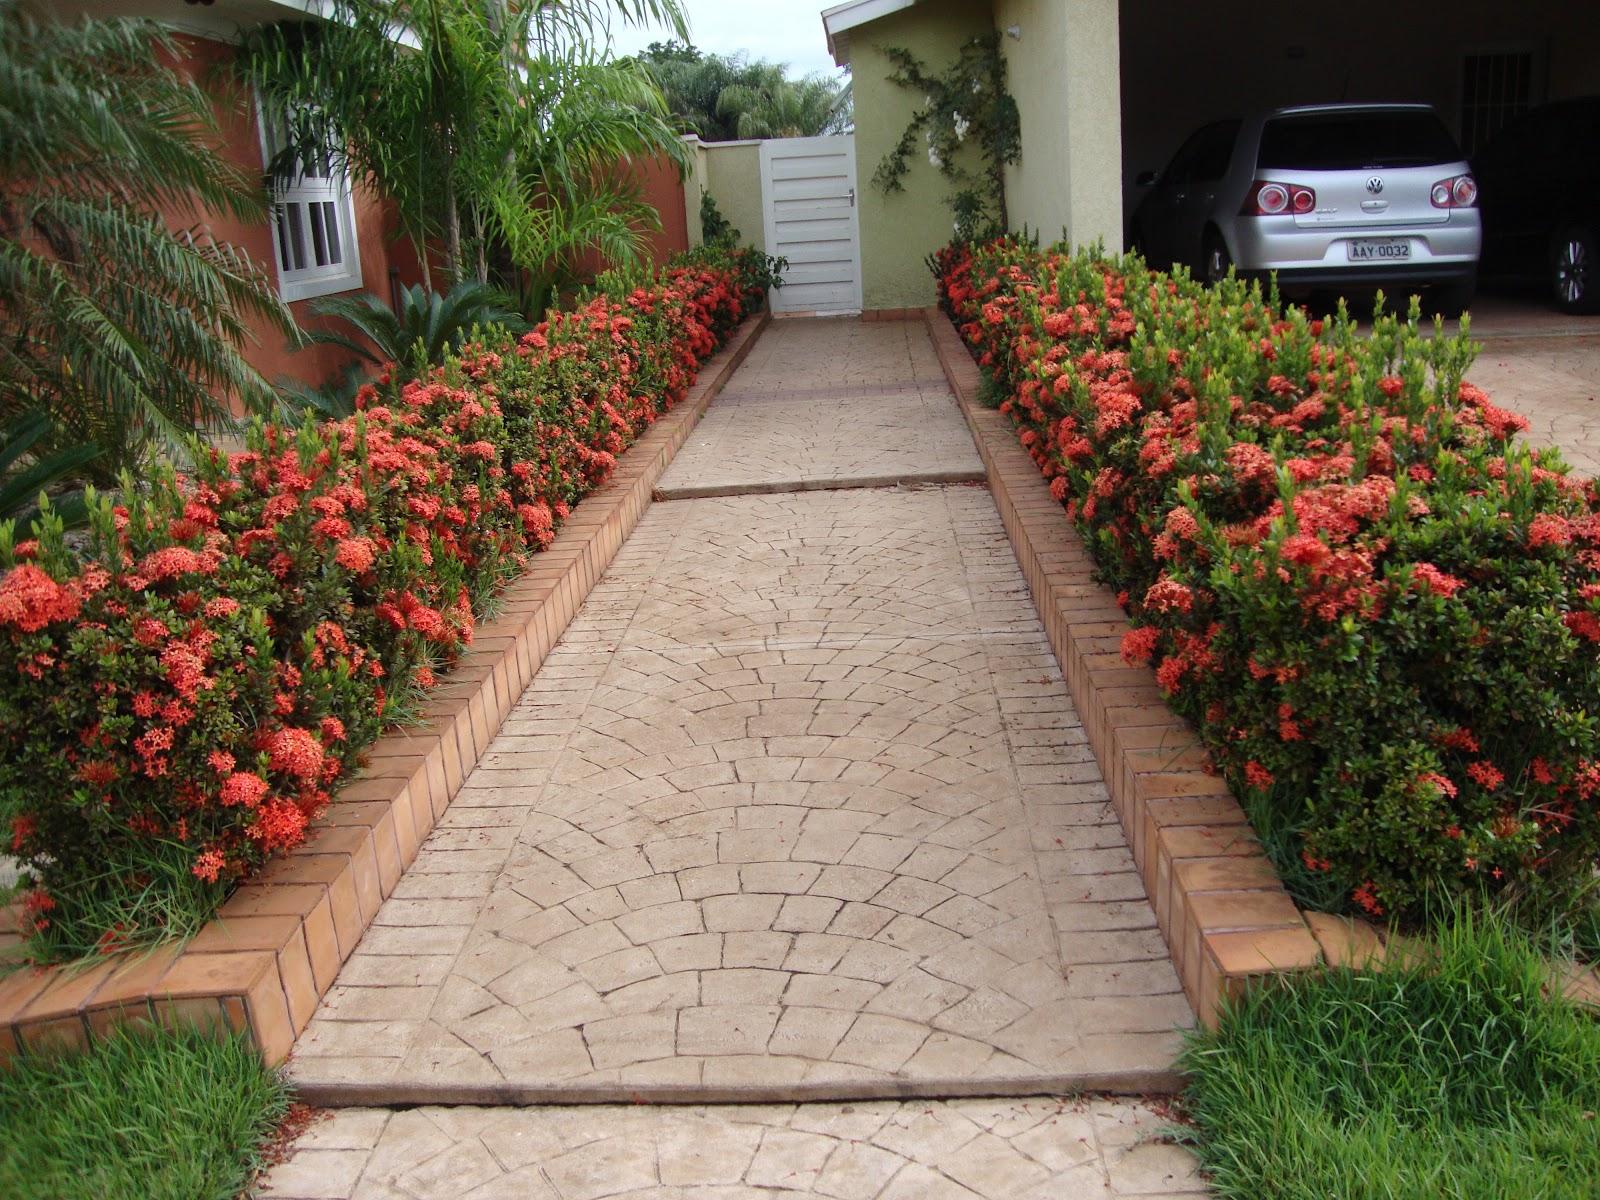 ideias jardins moradiascasas bonitas caminhos de entrada de casa